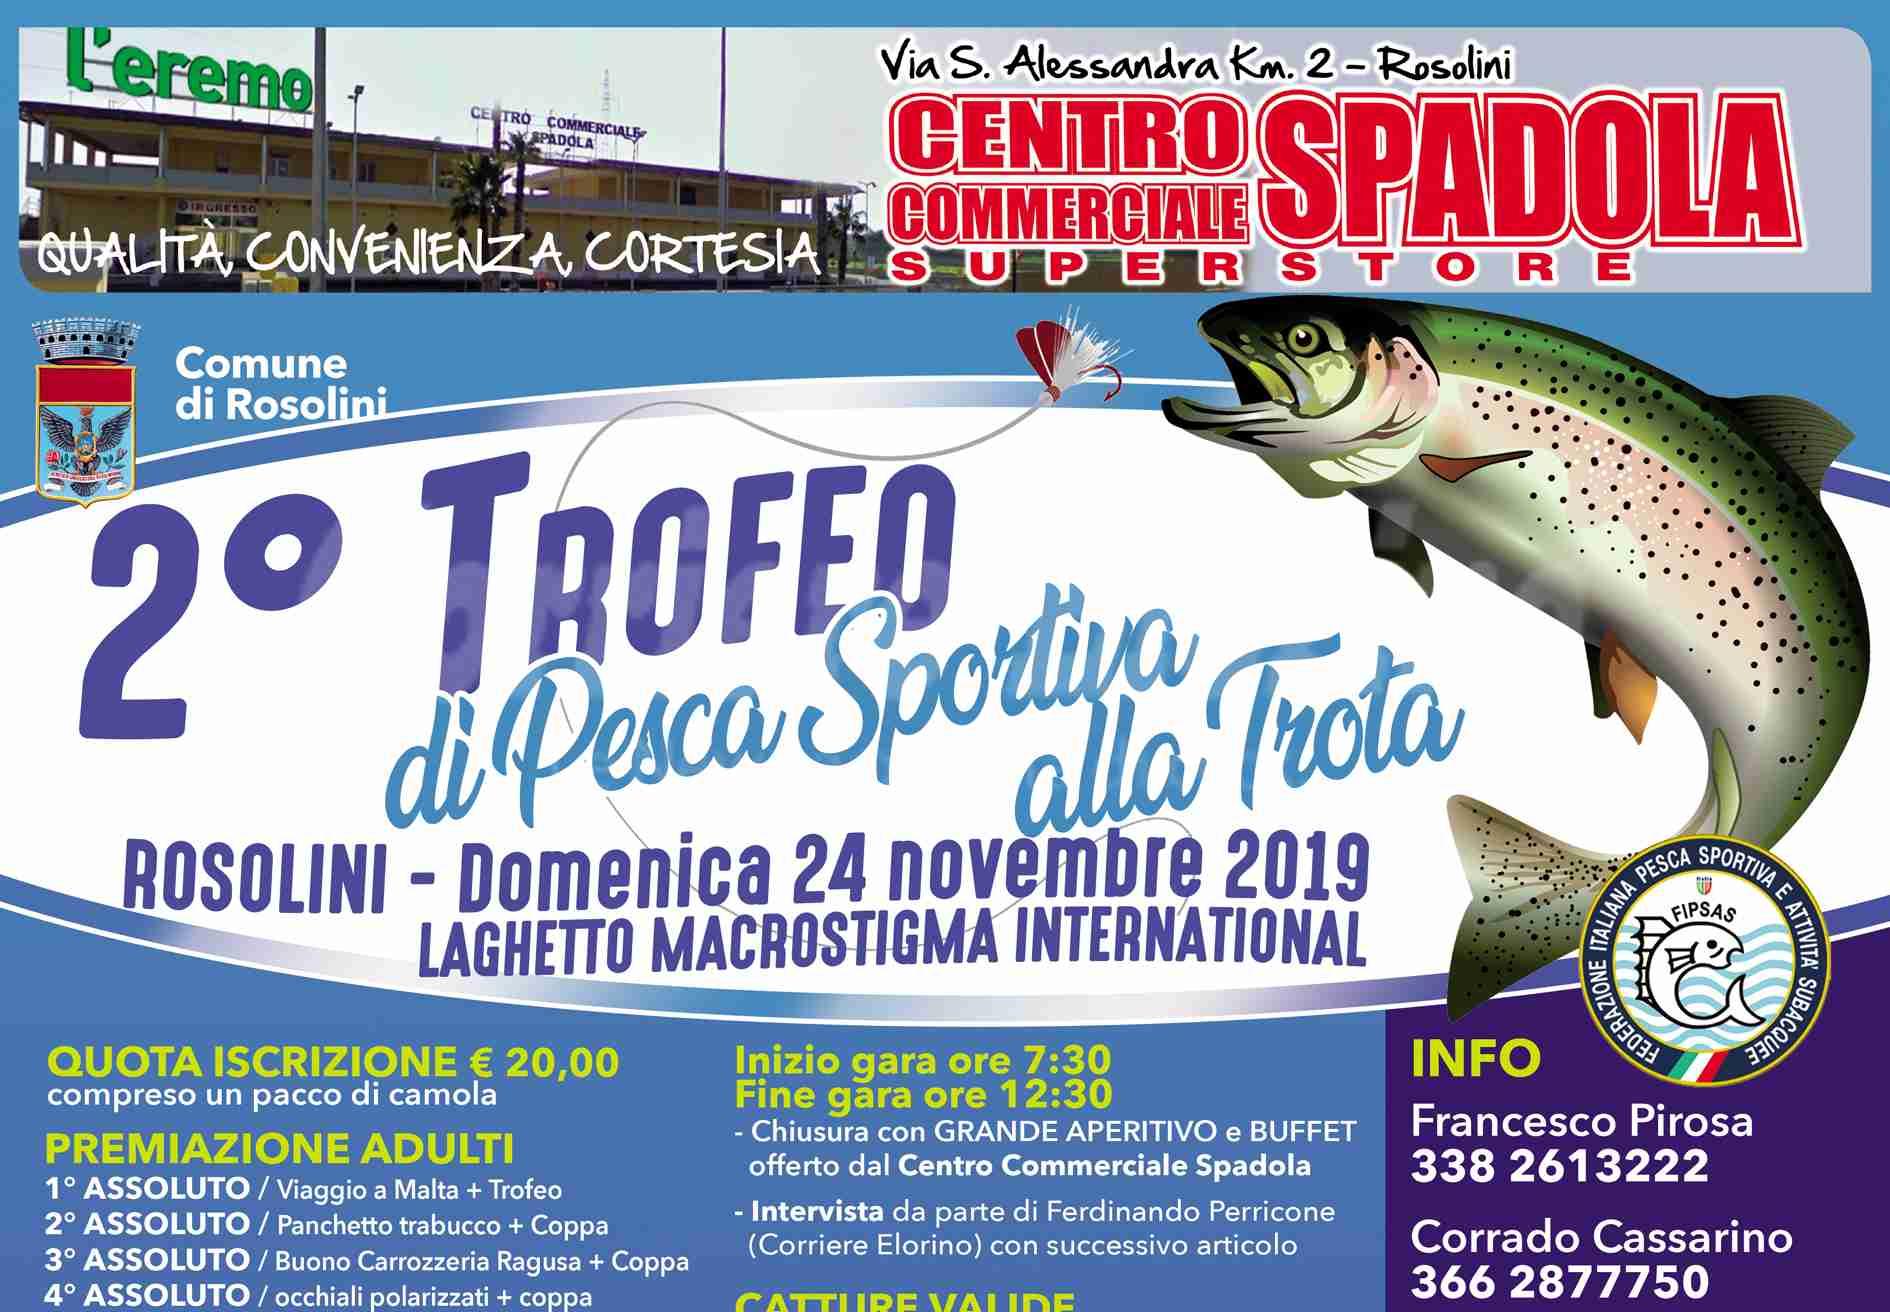 Rinviata al 22 dicembre la gara di pesca in programma oggi